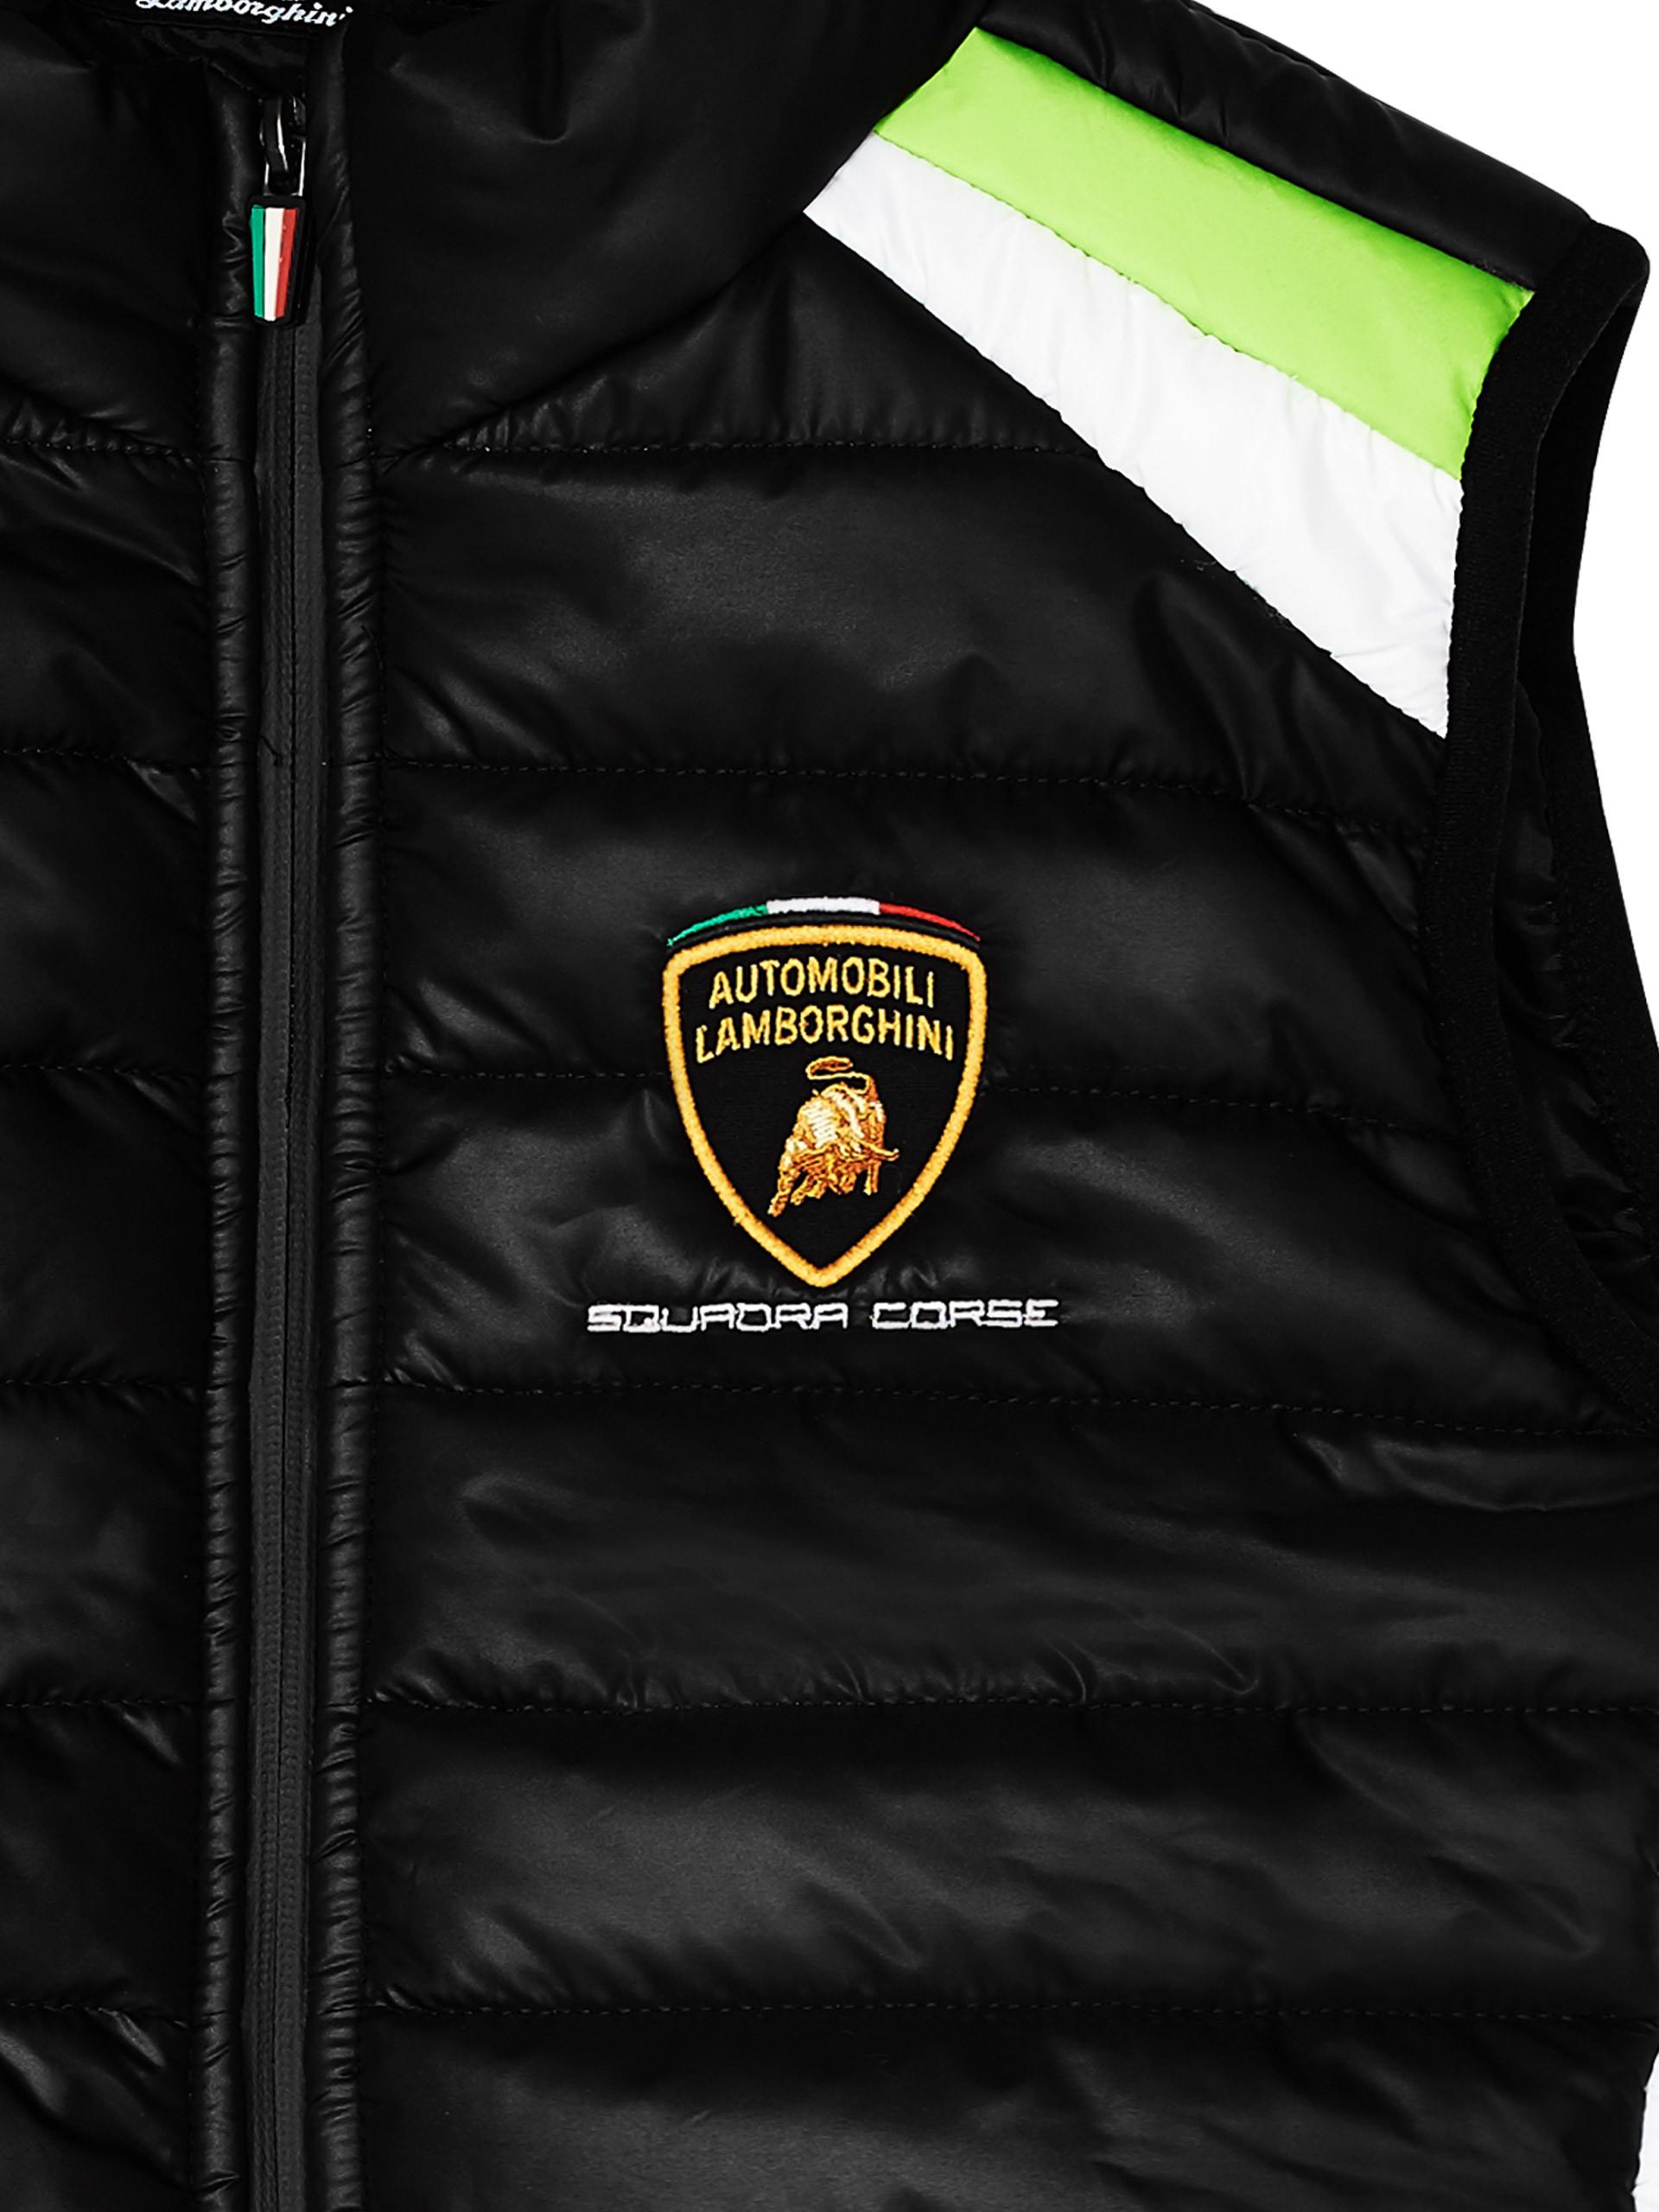 Lamborghini Squadra Corse Polo Kids Black Free Courier Shipping To